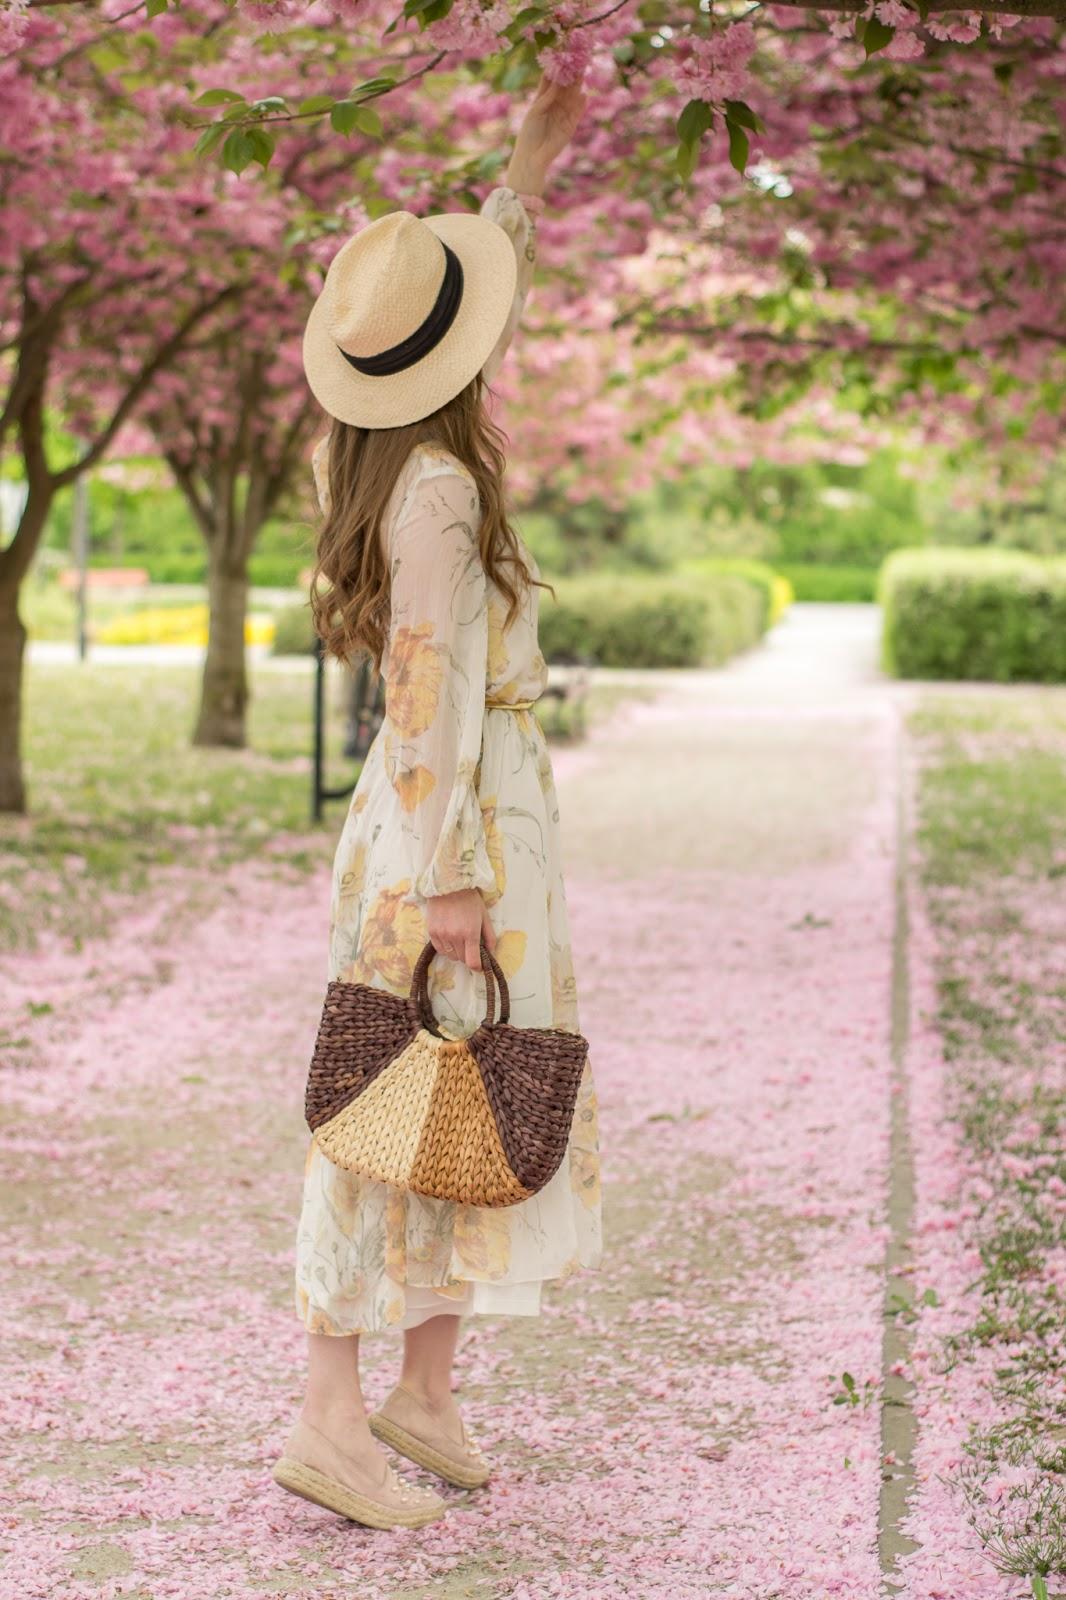 Zwiewna sykienka w romantycznej stylizacji | Różowe drzewa